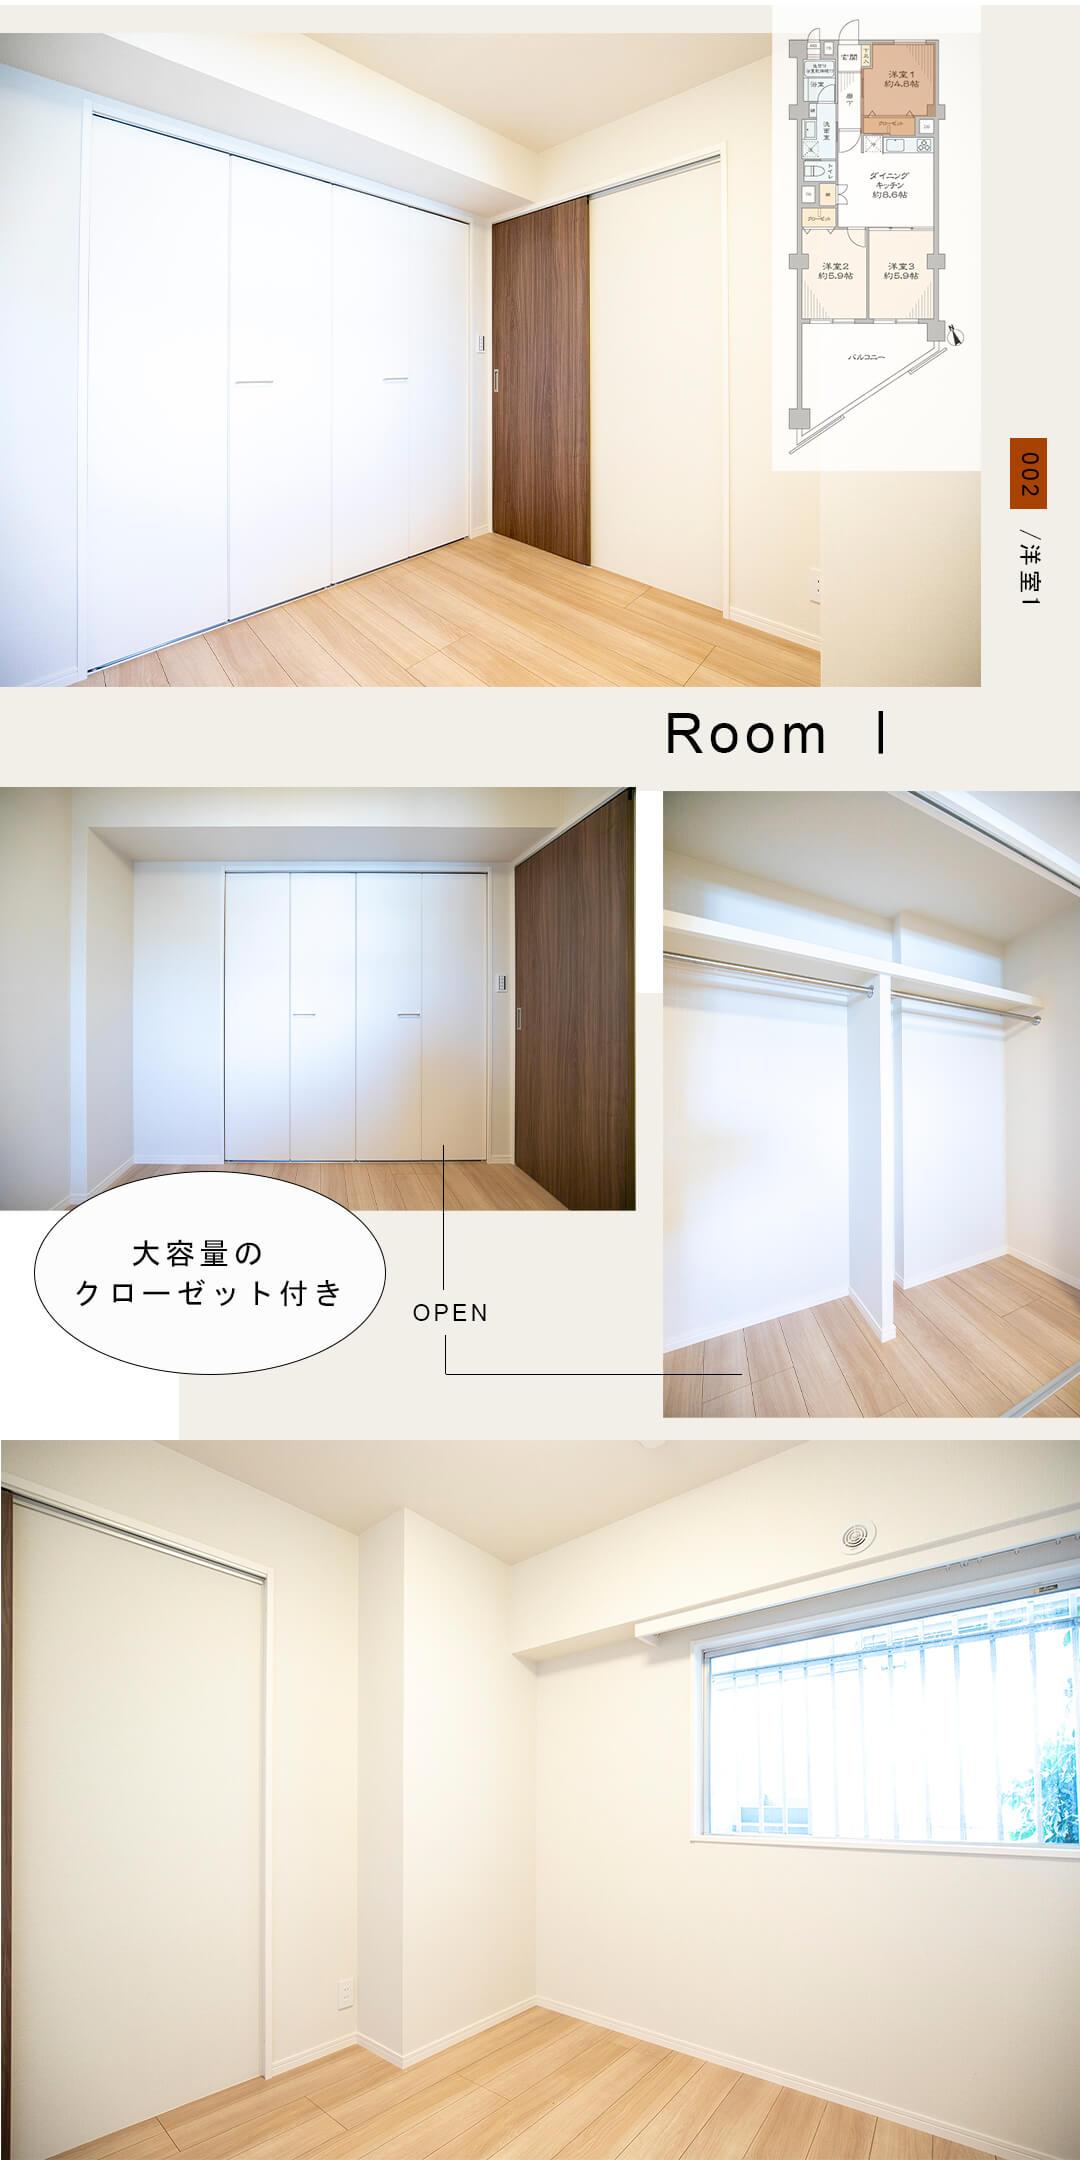 002洋室1,Room Ⅰ